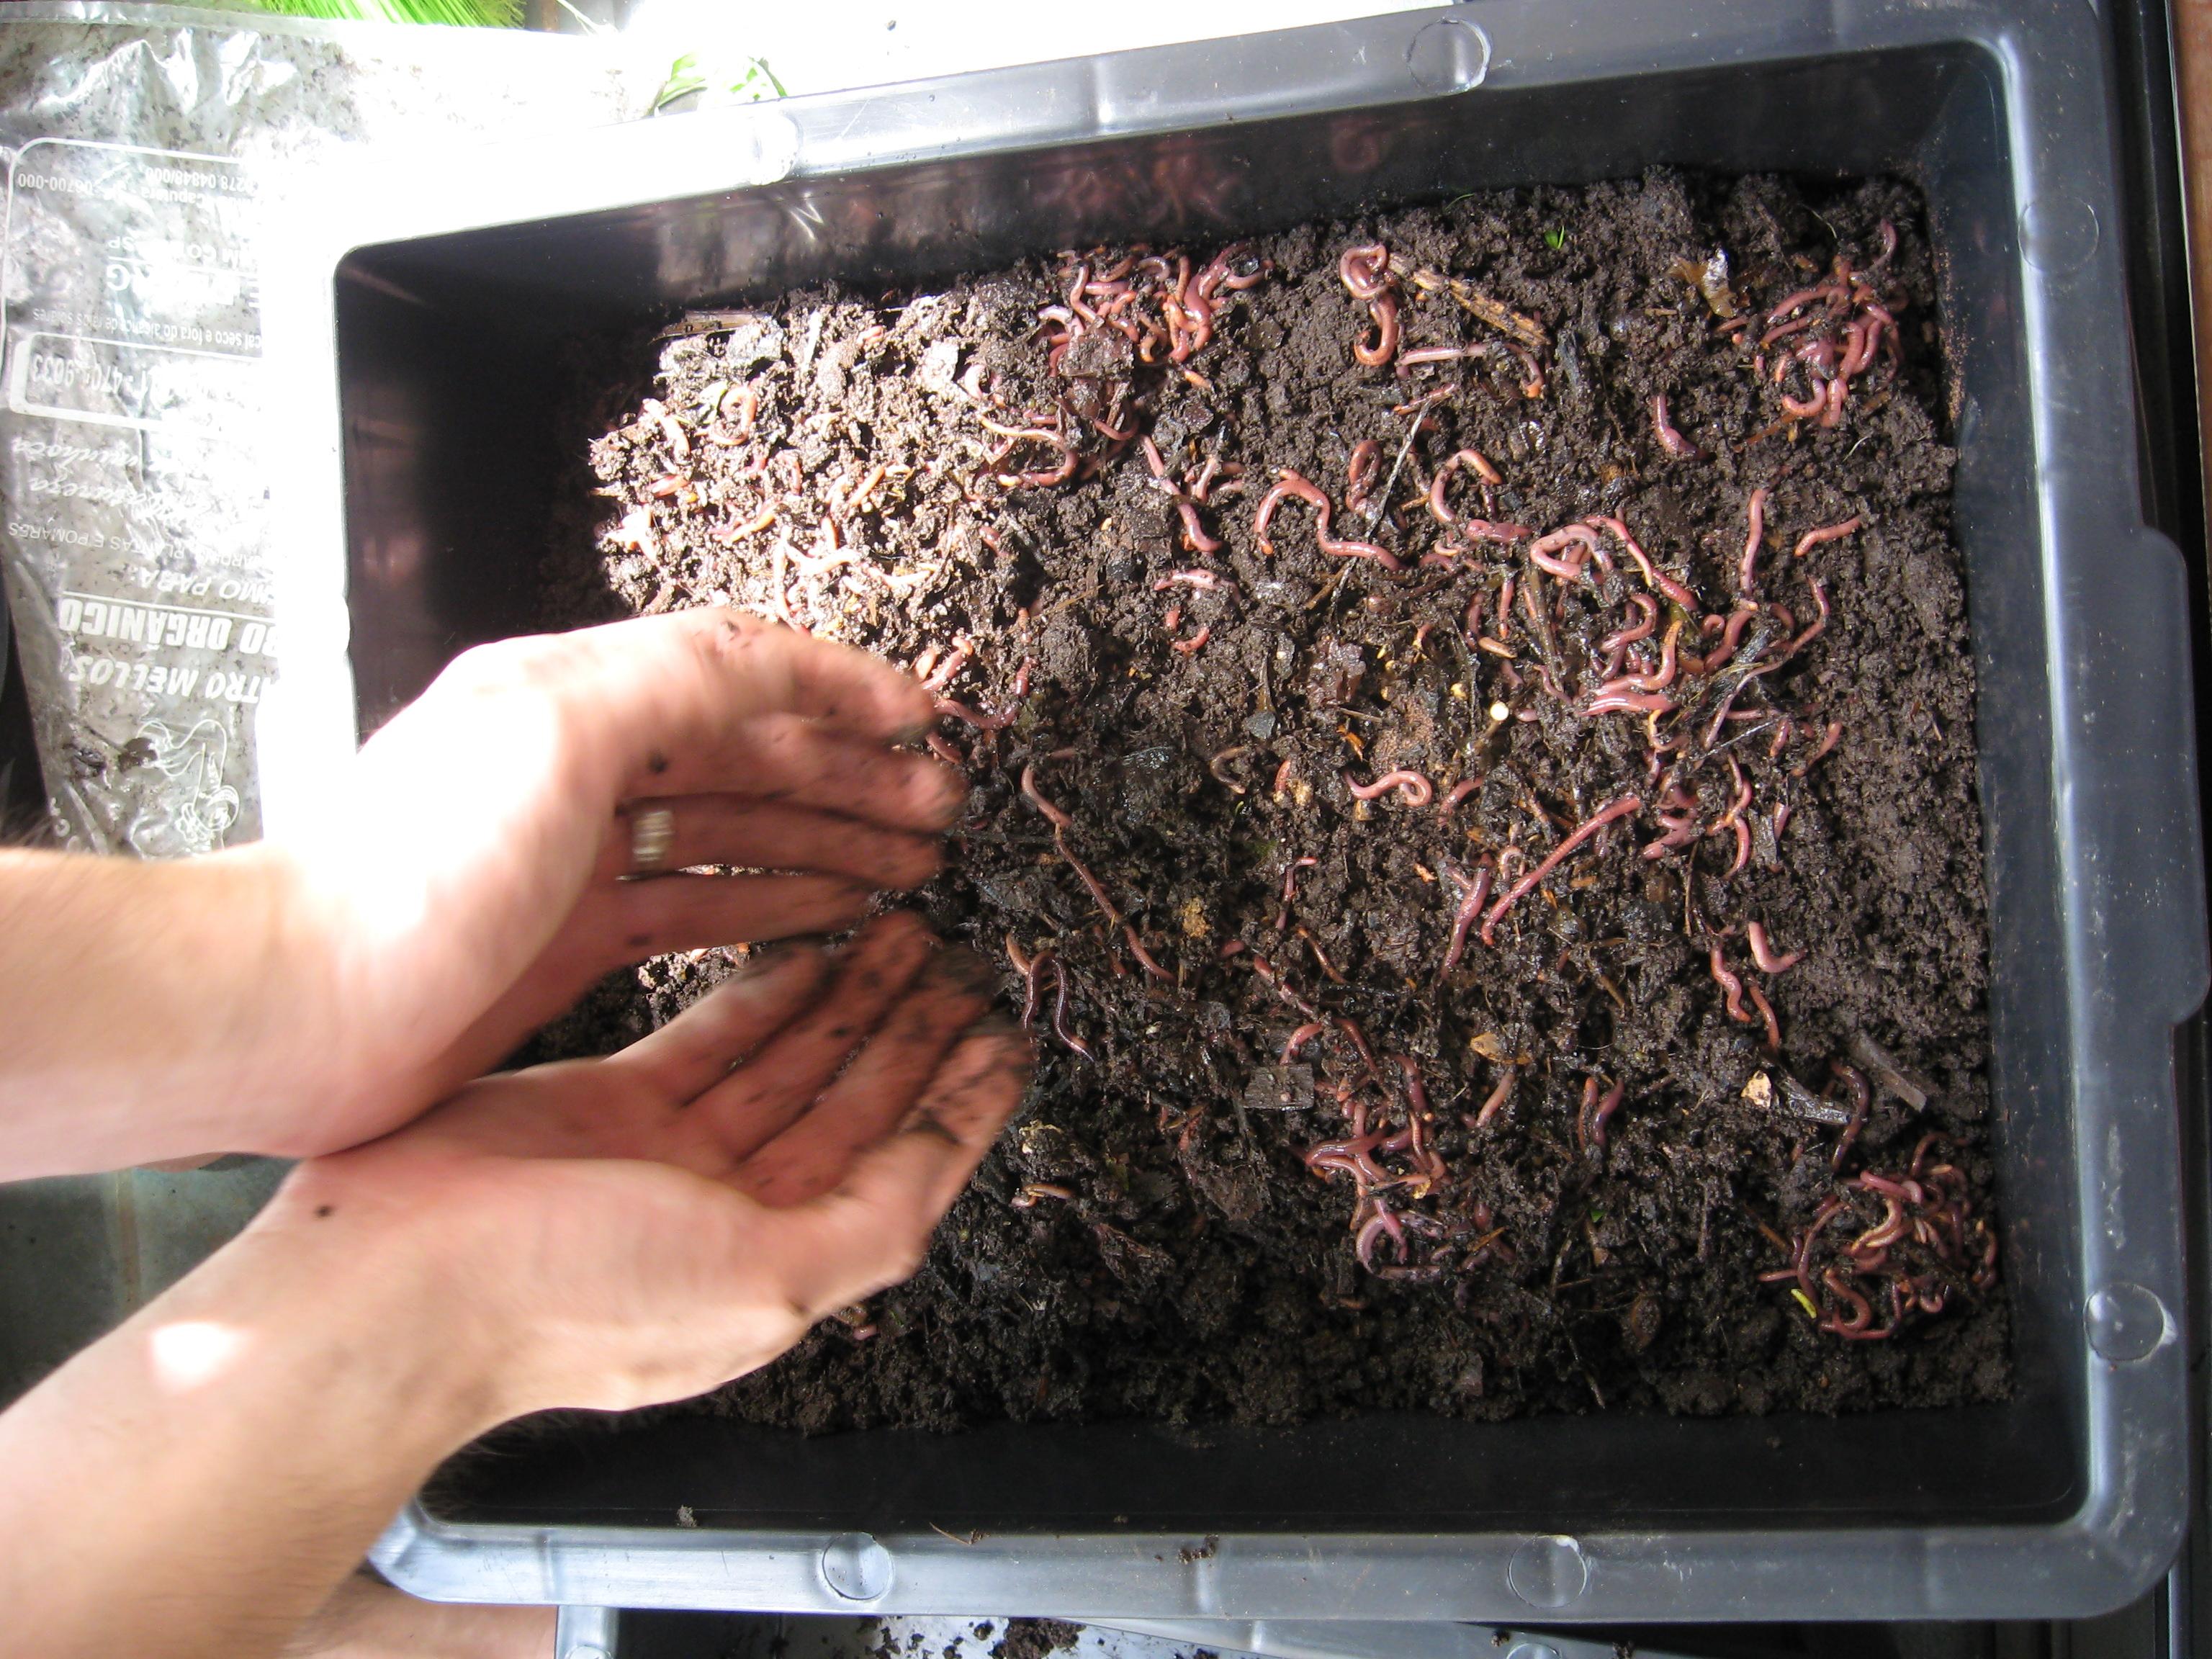 problemas na composteira : minhocário